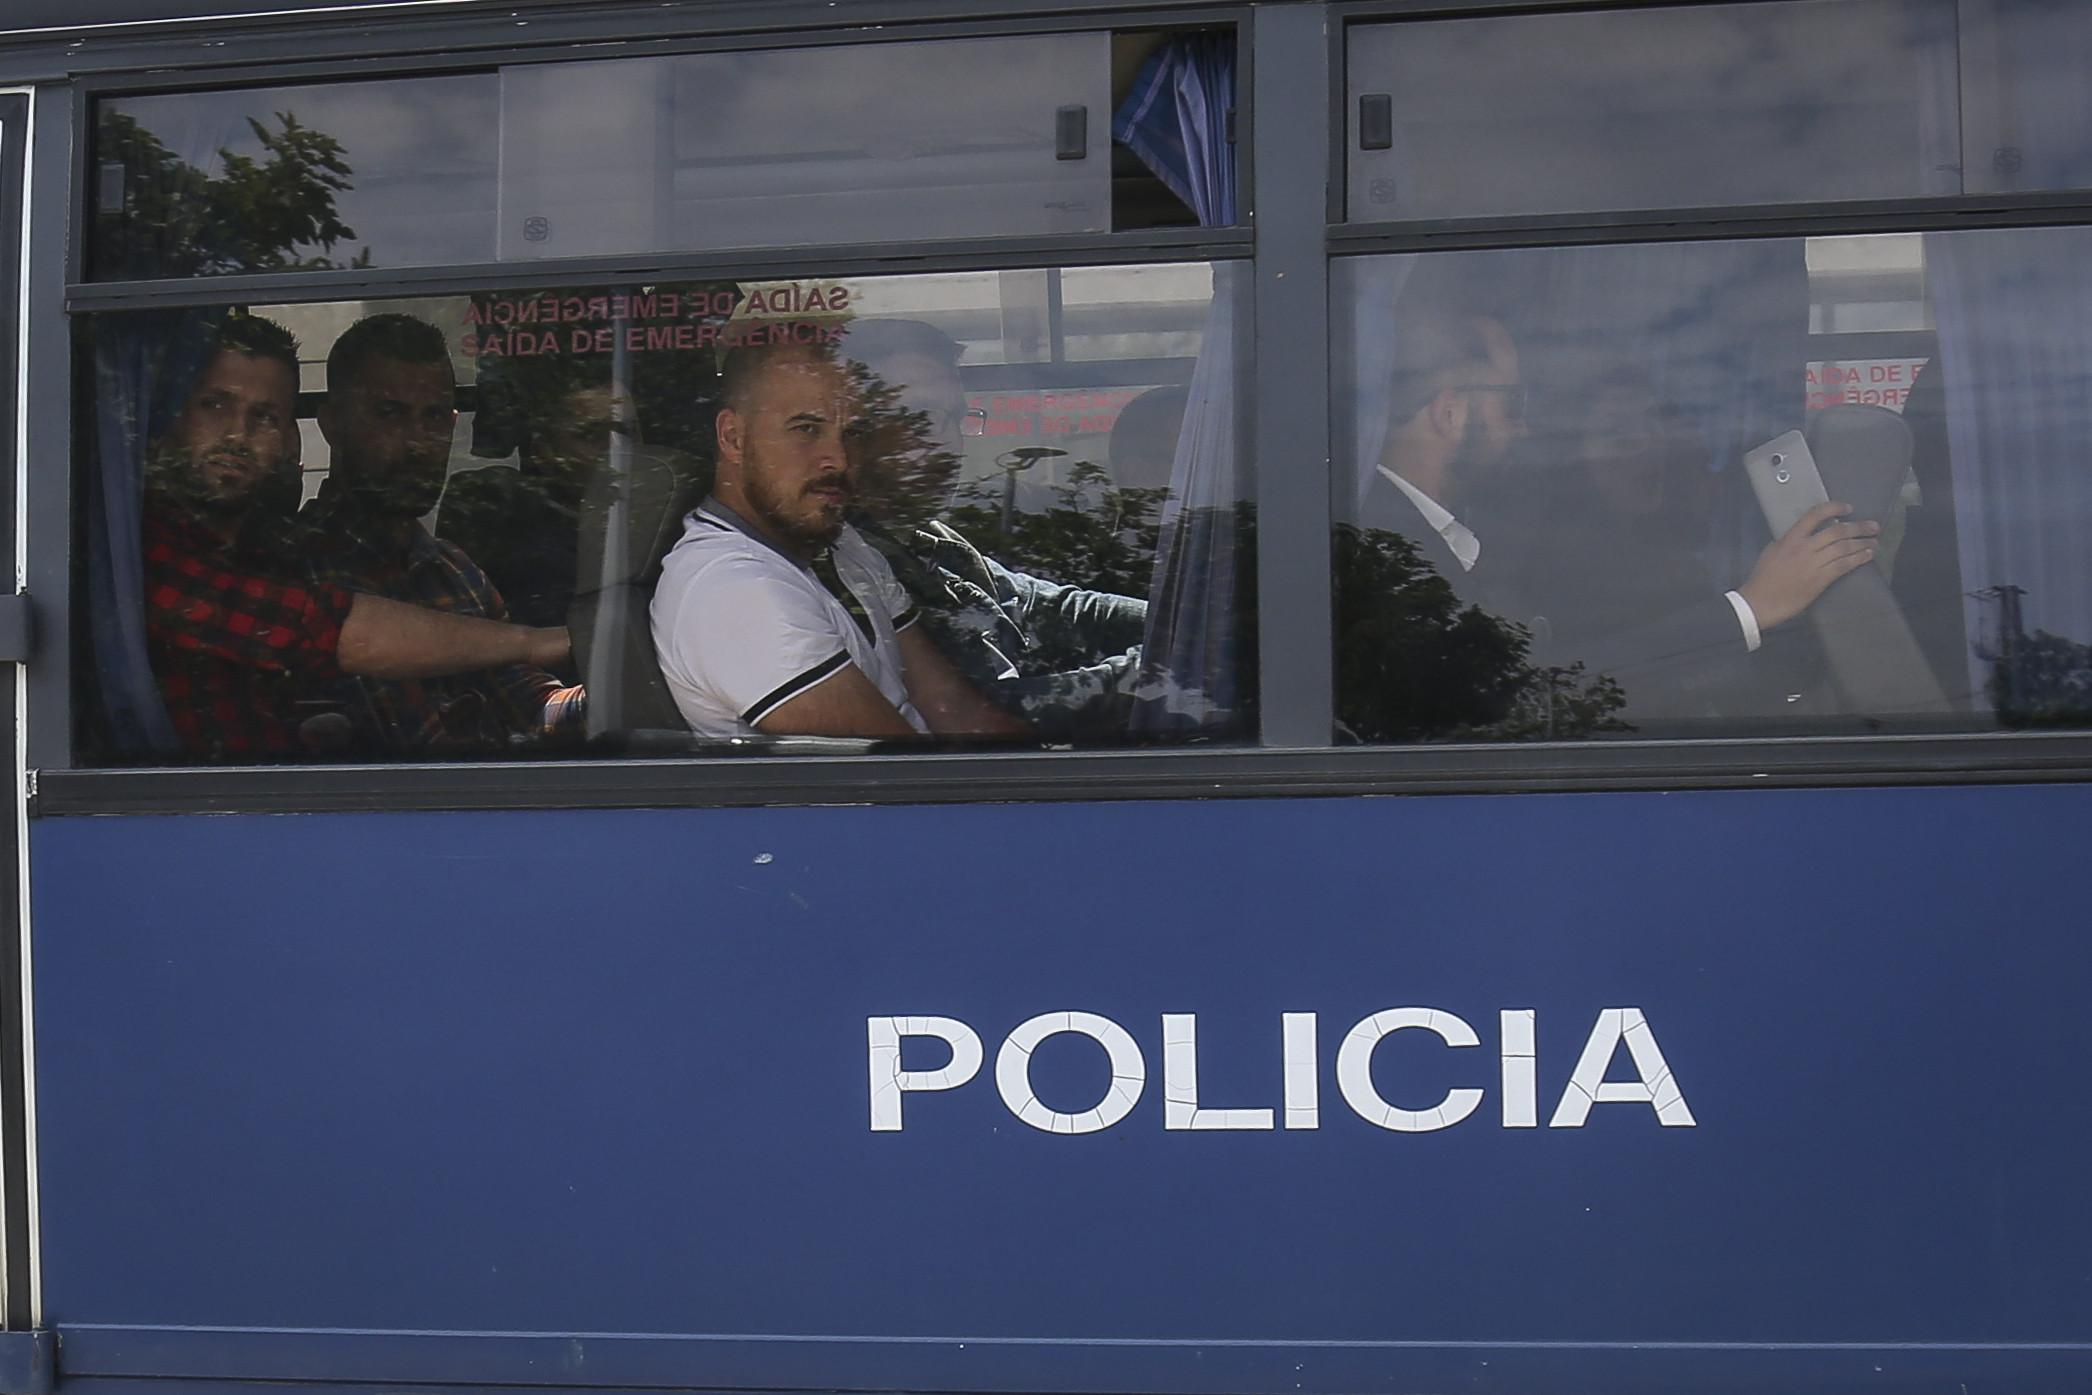 Alfragide: Polícias acusados de tortura e racismo conhecem hoje acórdão